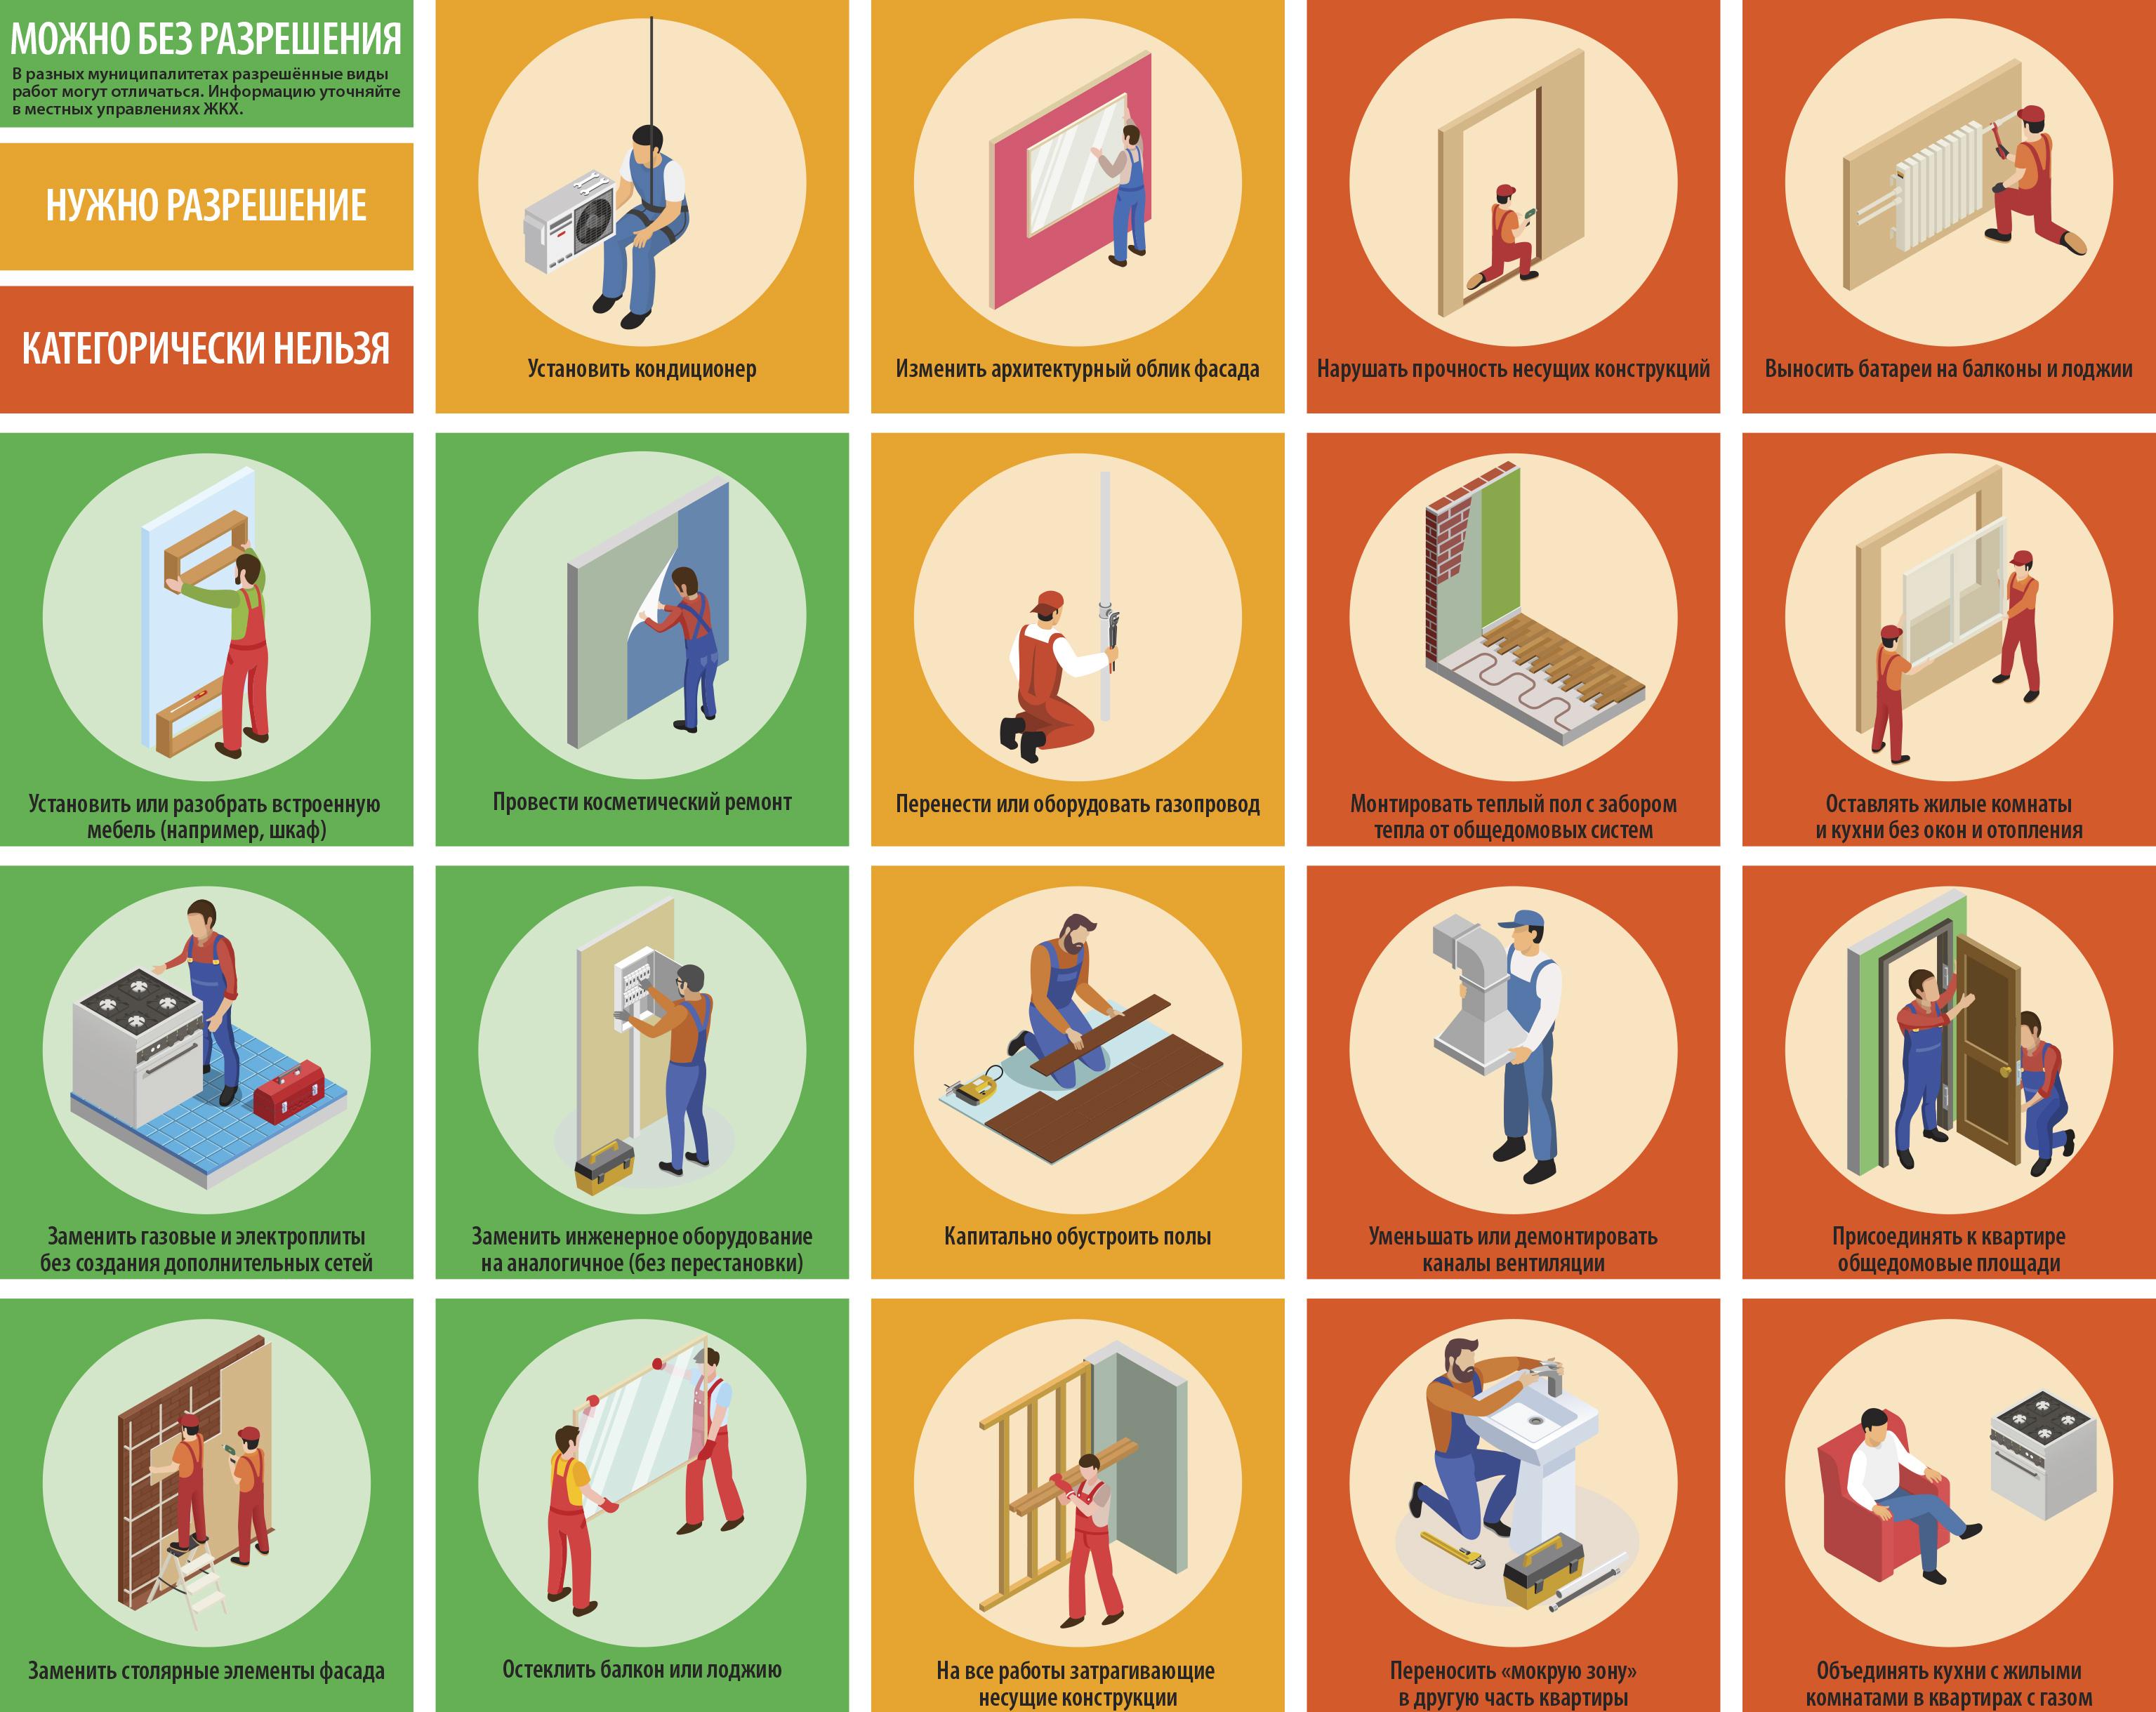 Перепланировка квартиры в новостройке в 2020. все особенности.